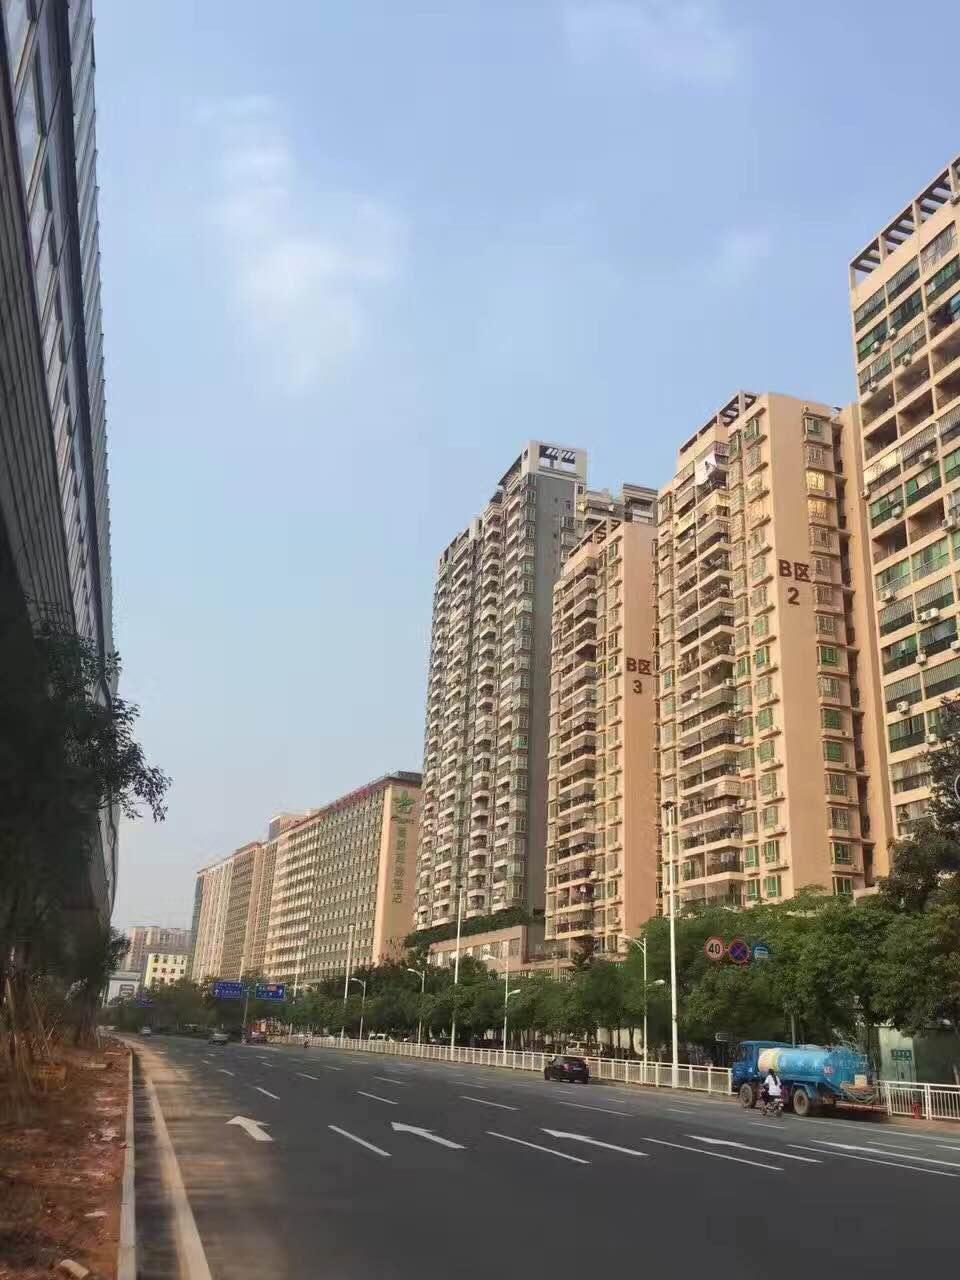 沙井地铁口新房楼盘,小产权统建楼御荣花园,精装修公寓58万起